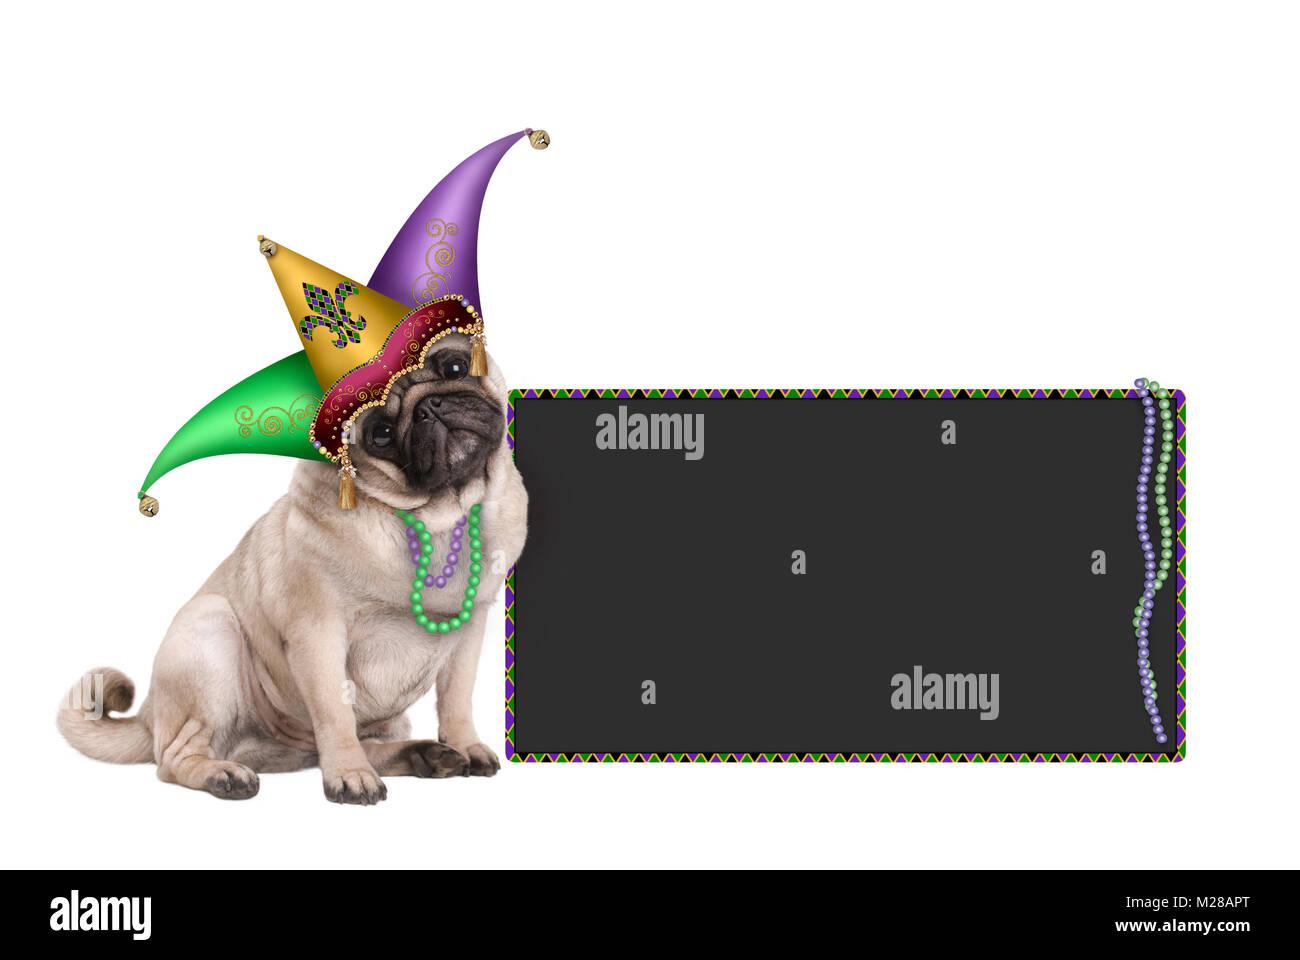 Carino il Mardi Gras carnival pug cucciolo di cane seduto con la harlequin  jester hat e 67cedc91b7f5